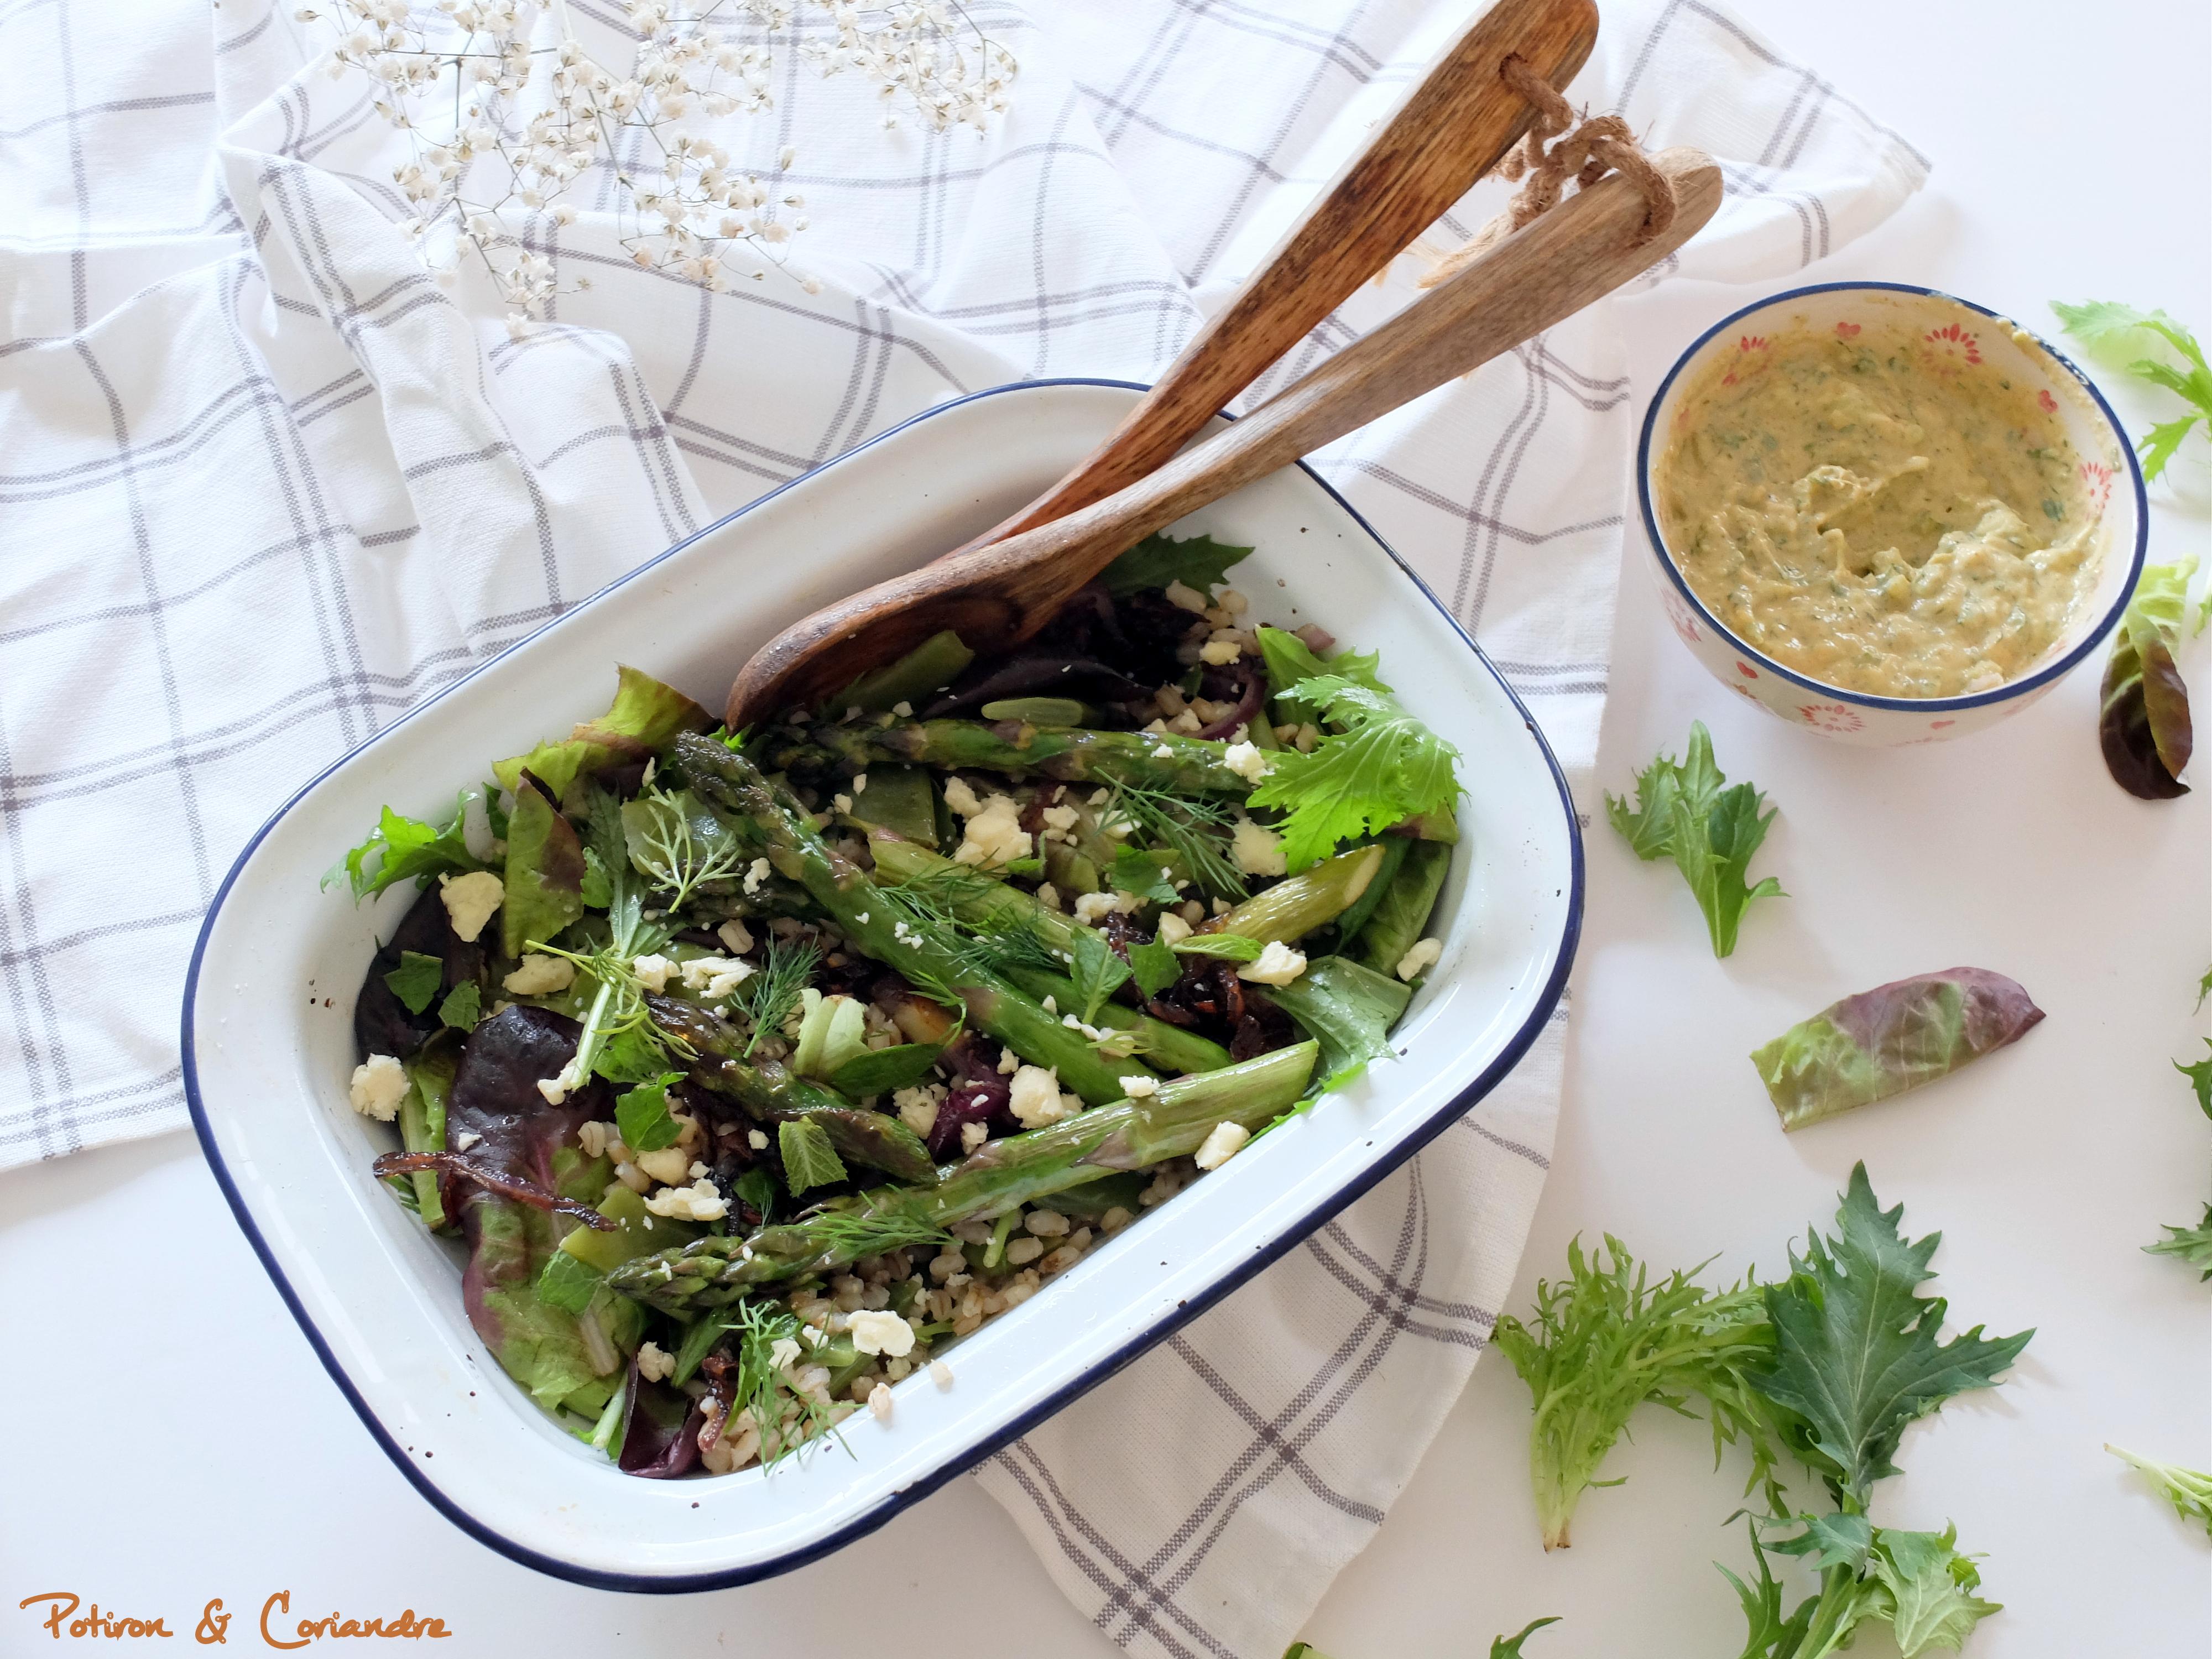 Orge perlé, asperges et fromage de brebis en salade